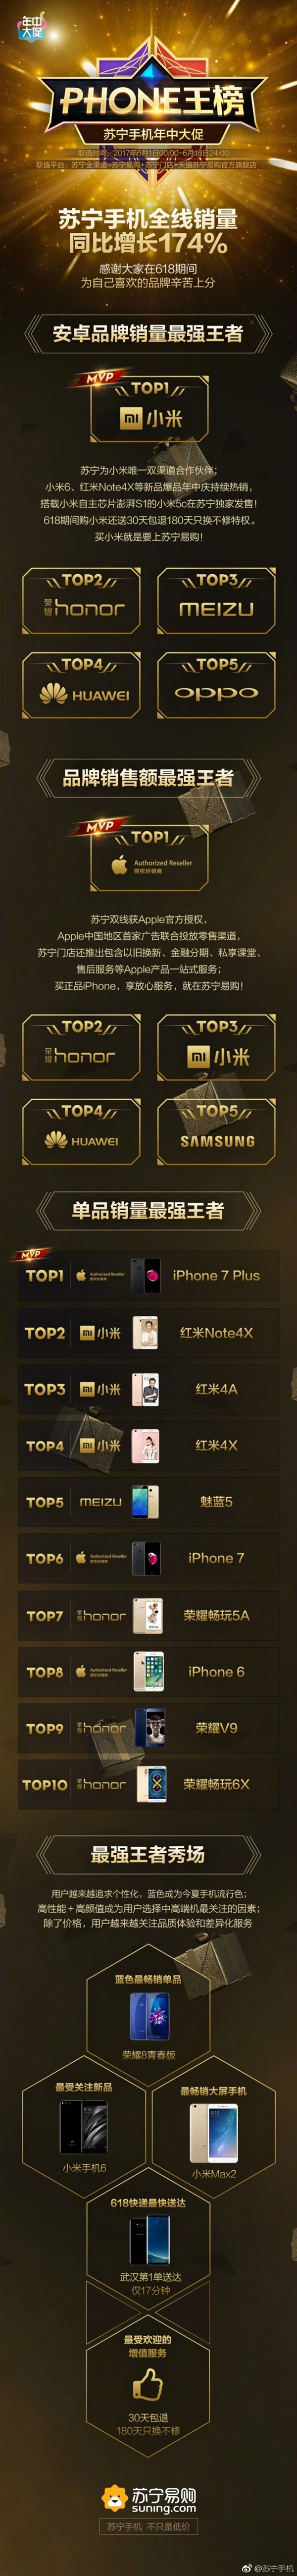 苏宁618手机战报:这十款手机最畅销 第一没想到